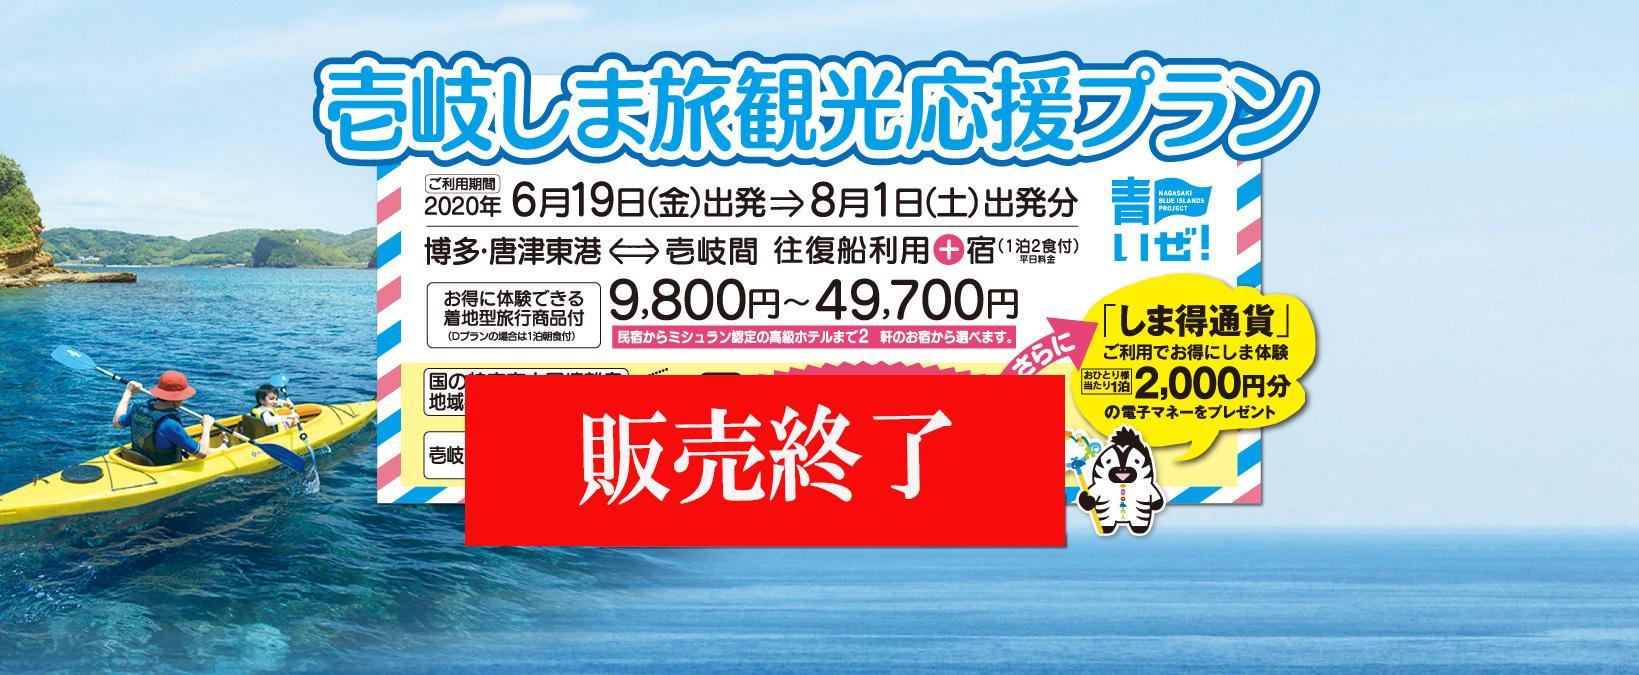 壱岐しま旅観光応援プラン-0